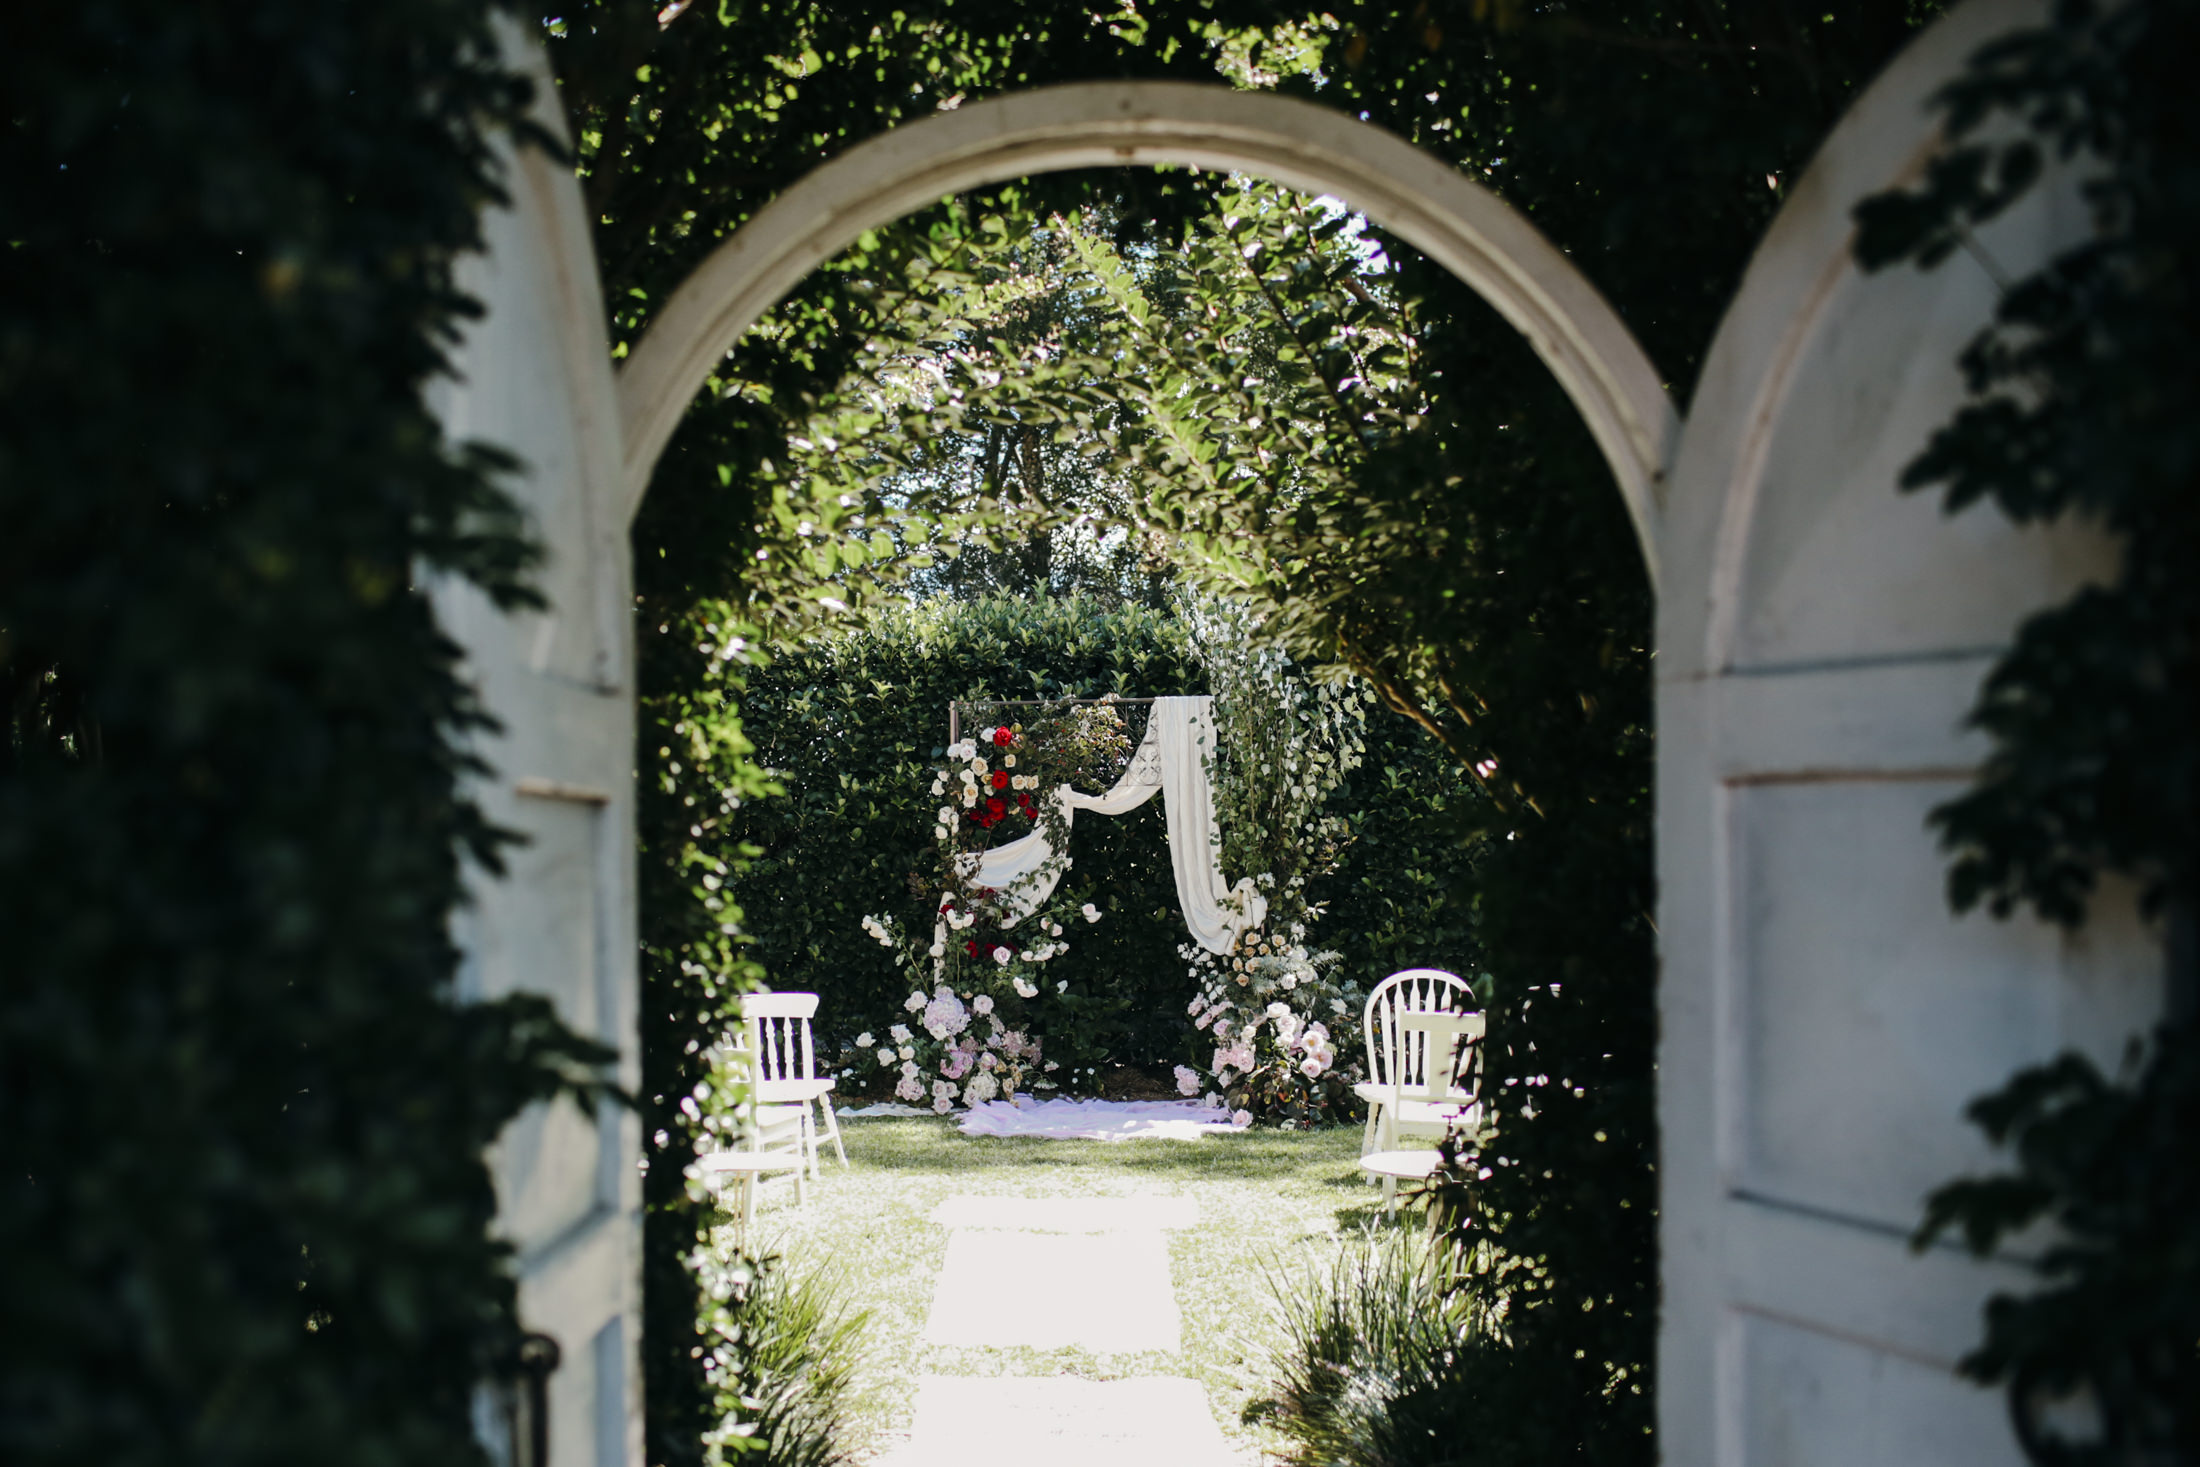 Amelia + Jono Wedding Secret Garden Arbour ceremony setup